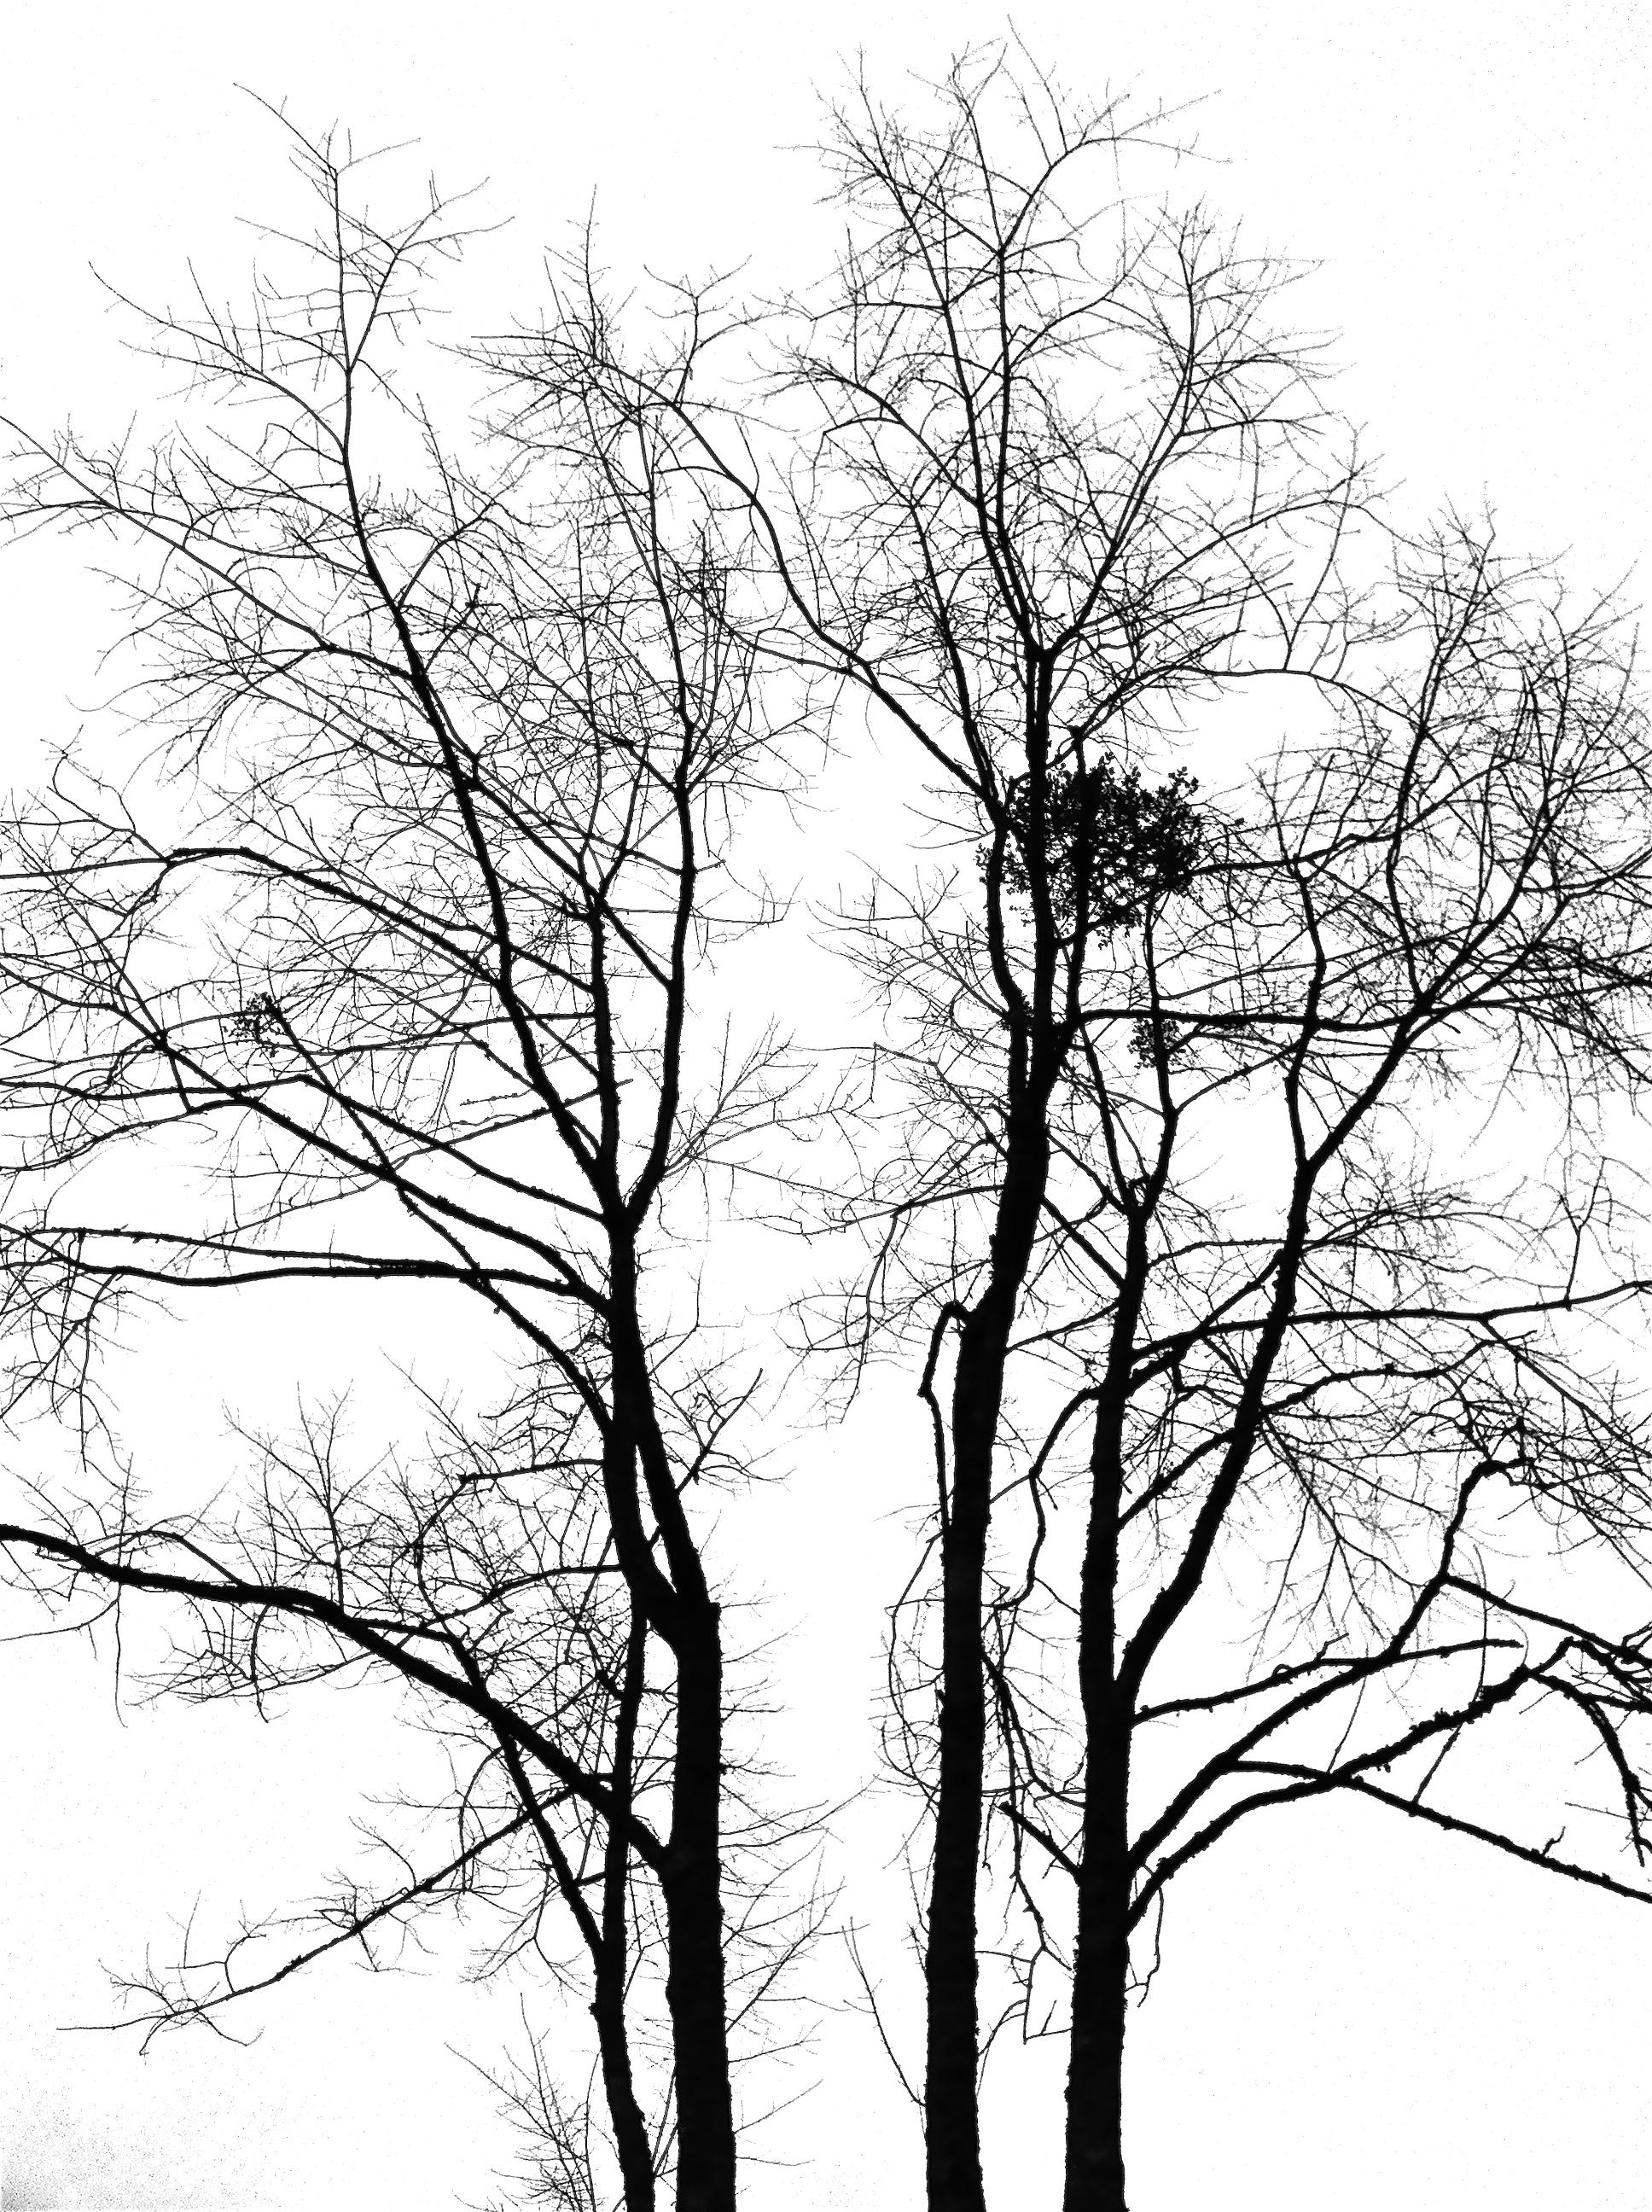 Mistletoe in Barren Tree.jpg